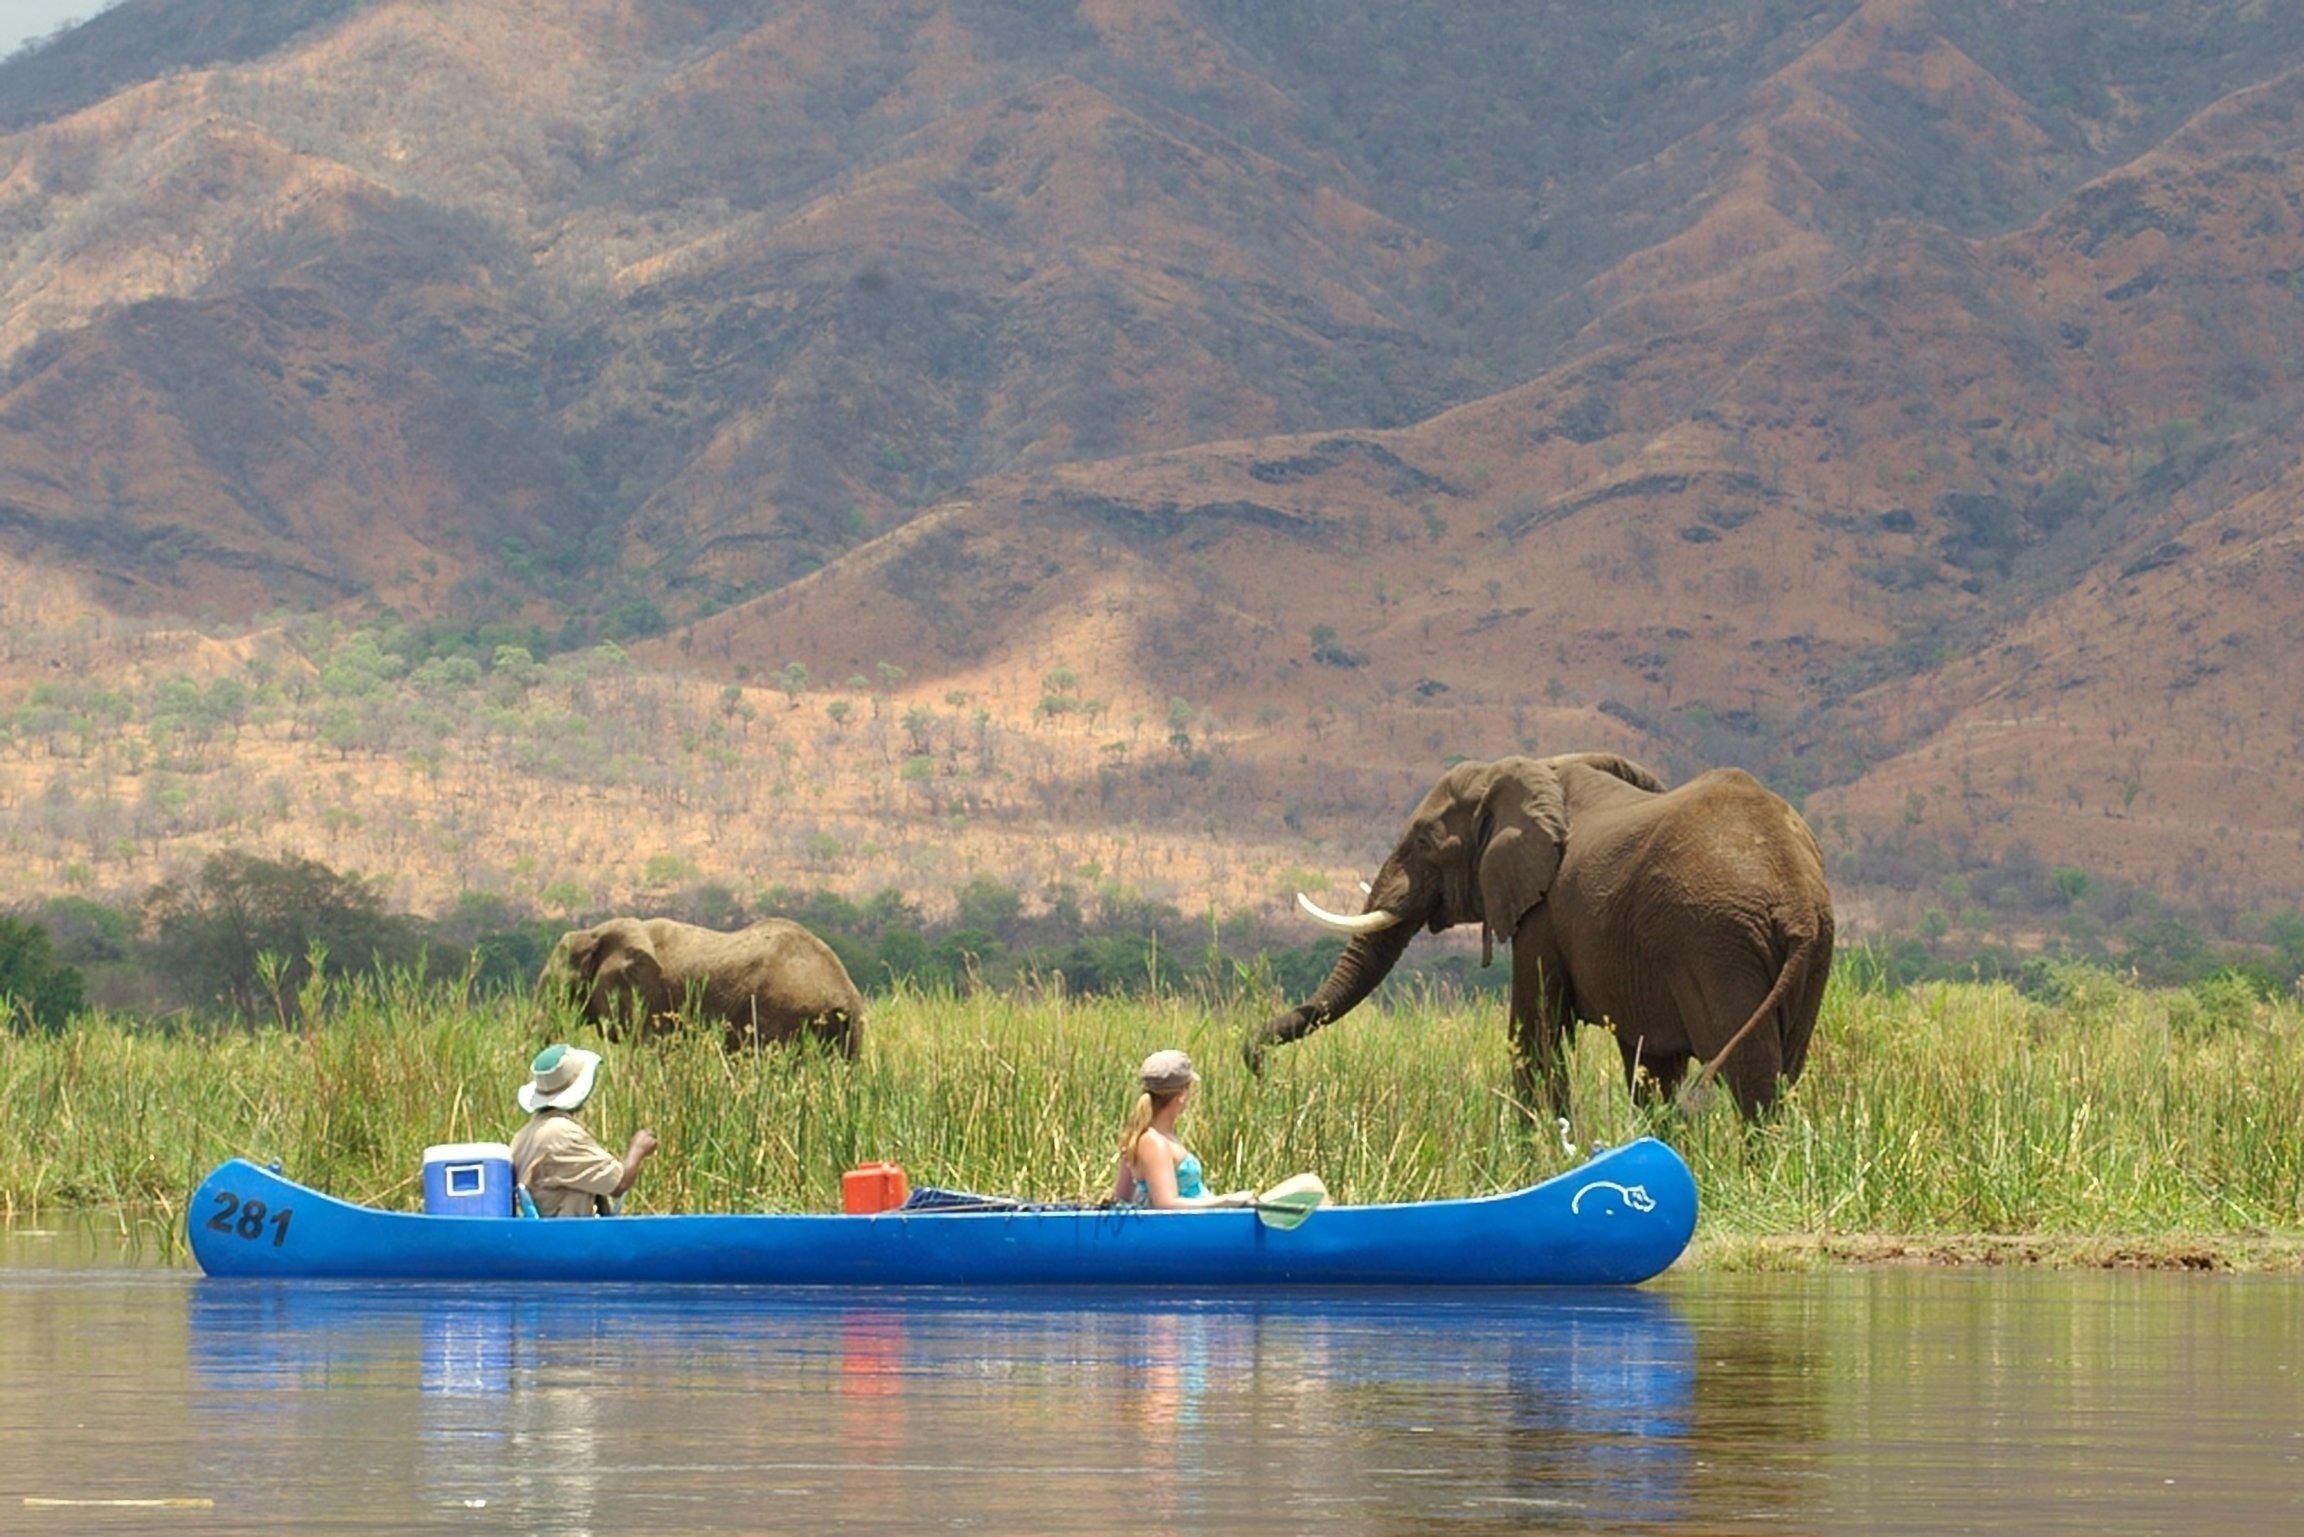 4-Day Zambezi Island Canoe Trail - Zambia and Zimbabwe Itinerary